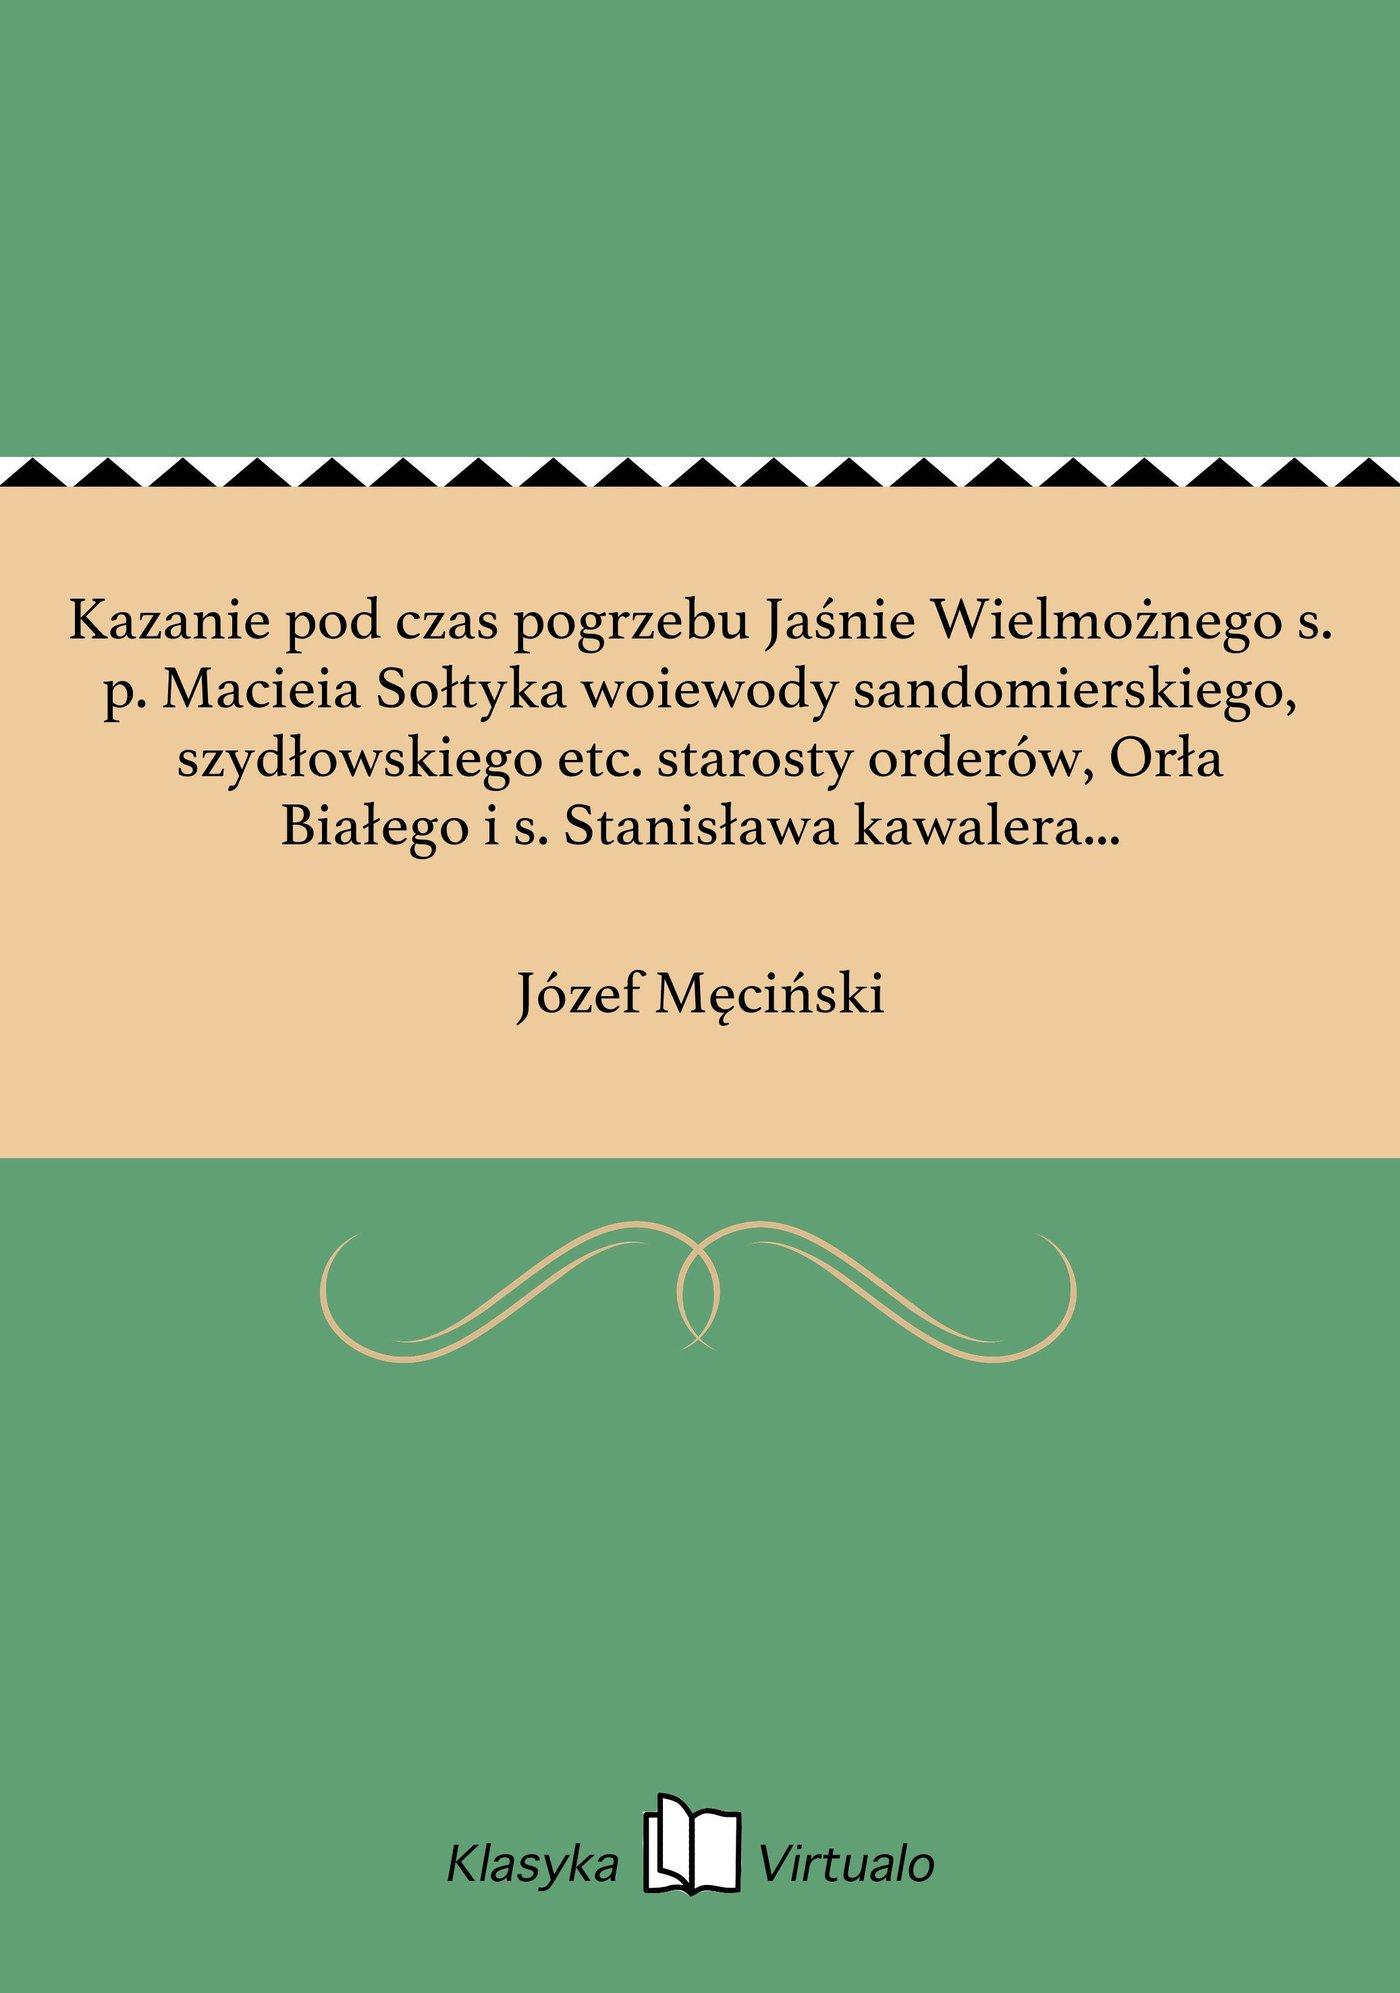 Kazanie pod czas pogrzebu Jaśnie Wielmożnego s. p. Macieia Sołtyka woiewody sandomierskiego, szydłowskiego etc. starosty orderów, Orła Białego i s. Stanisława kawalera w kościele stopnickim xx. Reformatorów dnia 31 maia 1802 roku - Ebook (Książka na Kindle) do pobrania w formacie MOBI